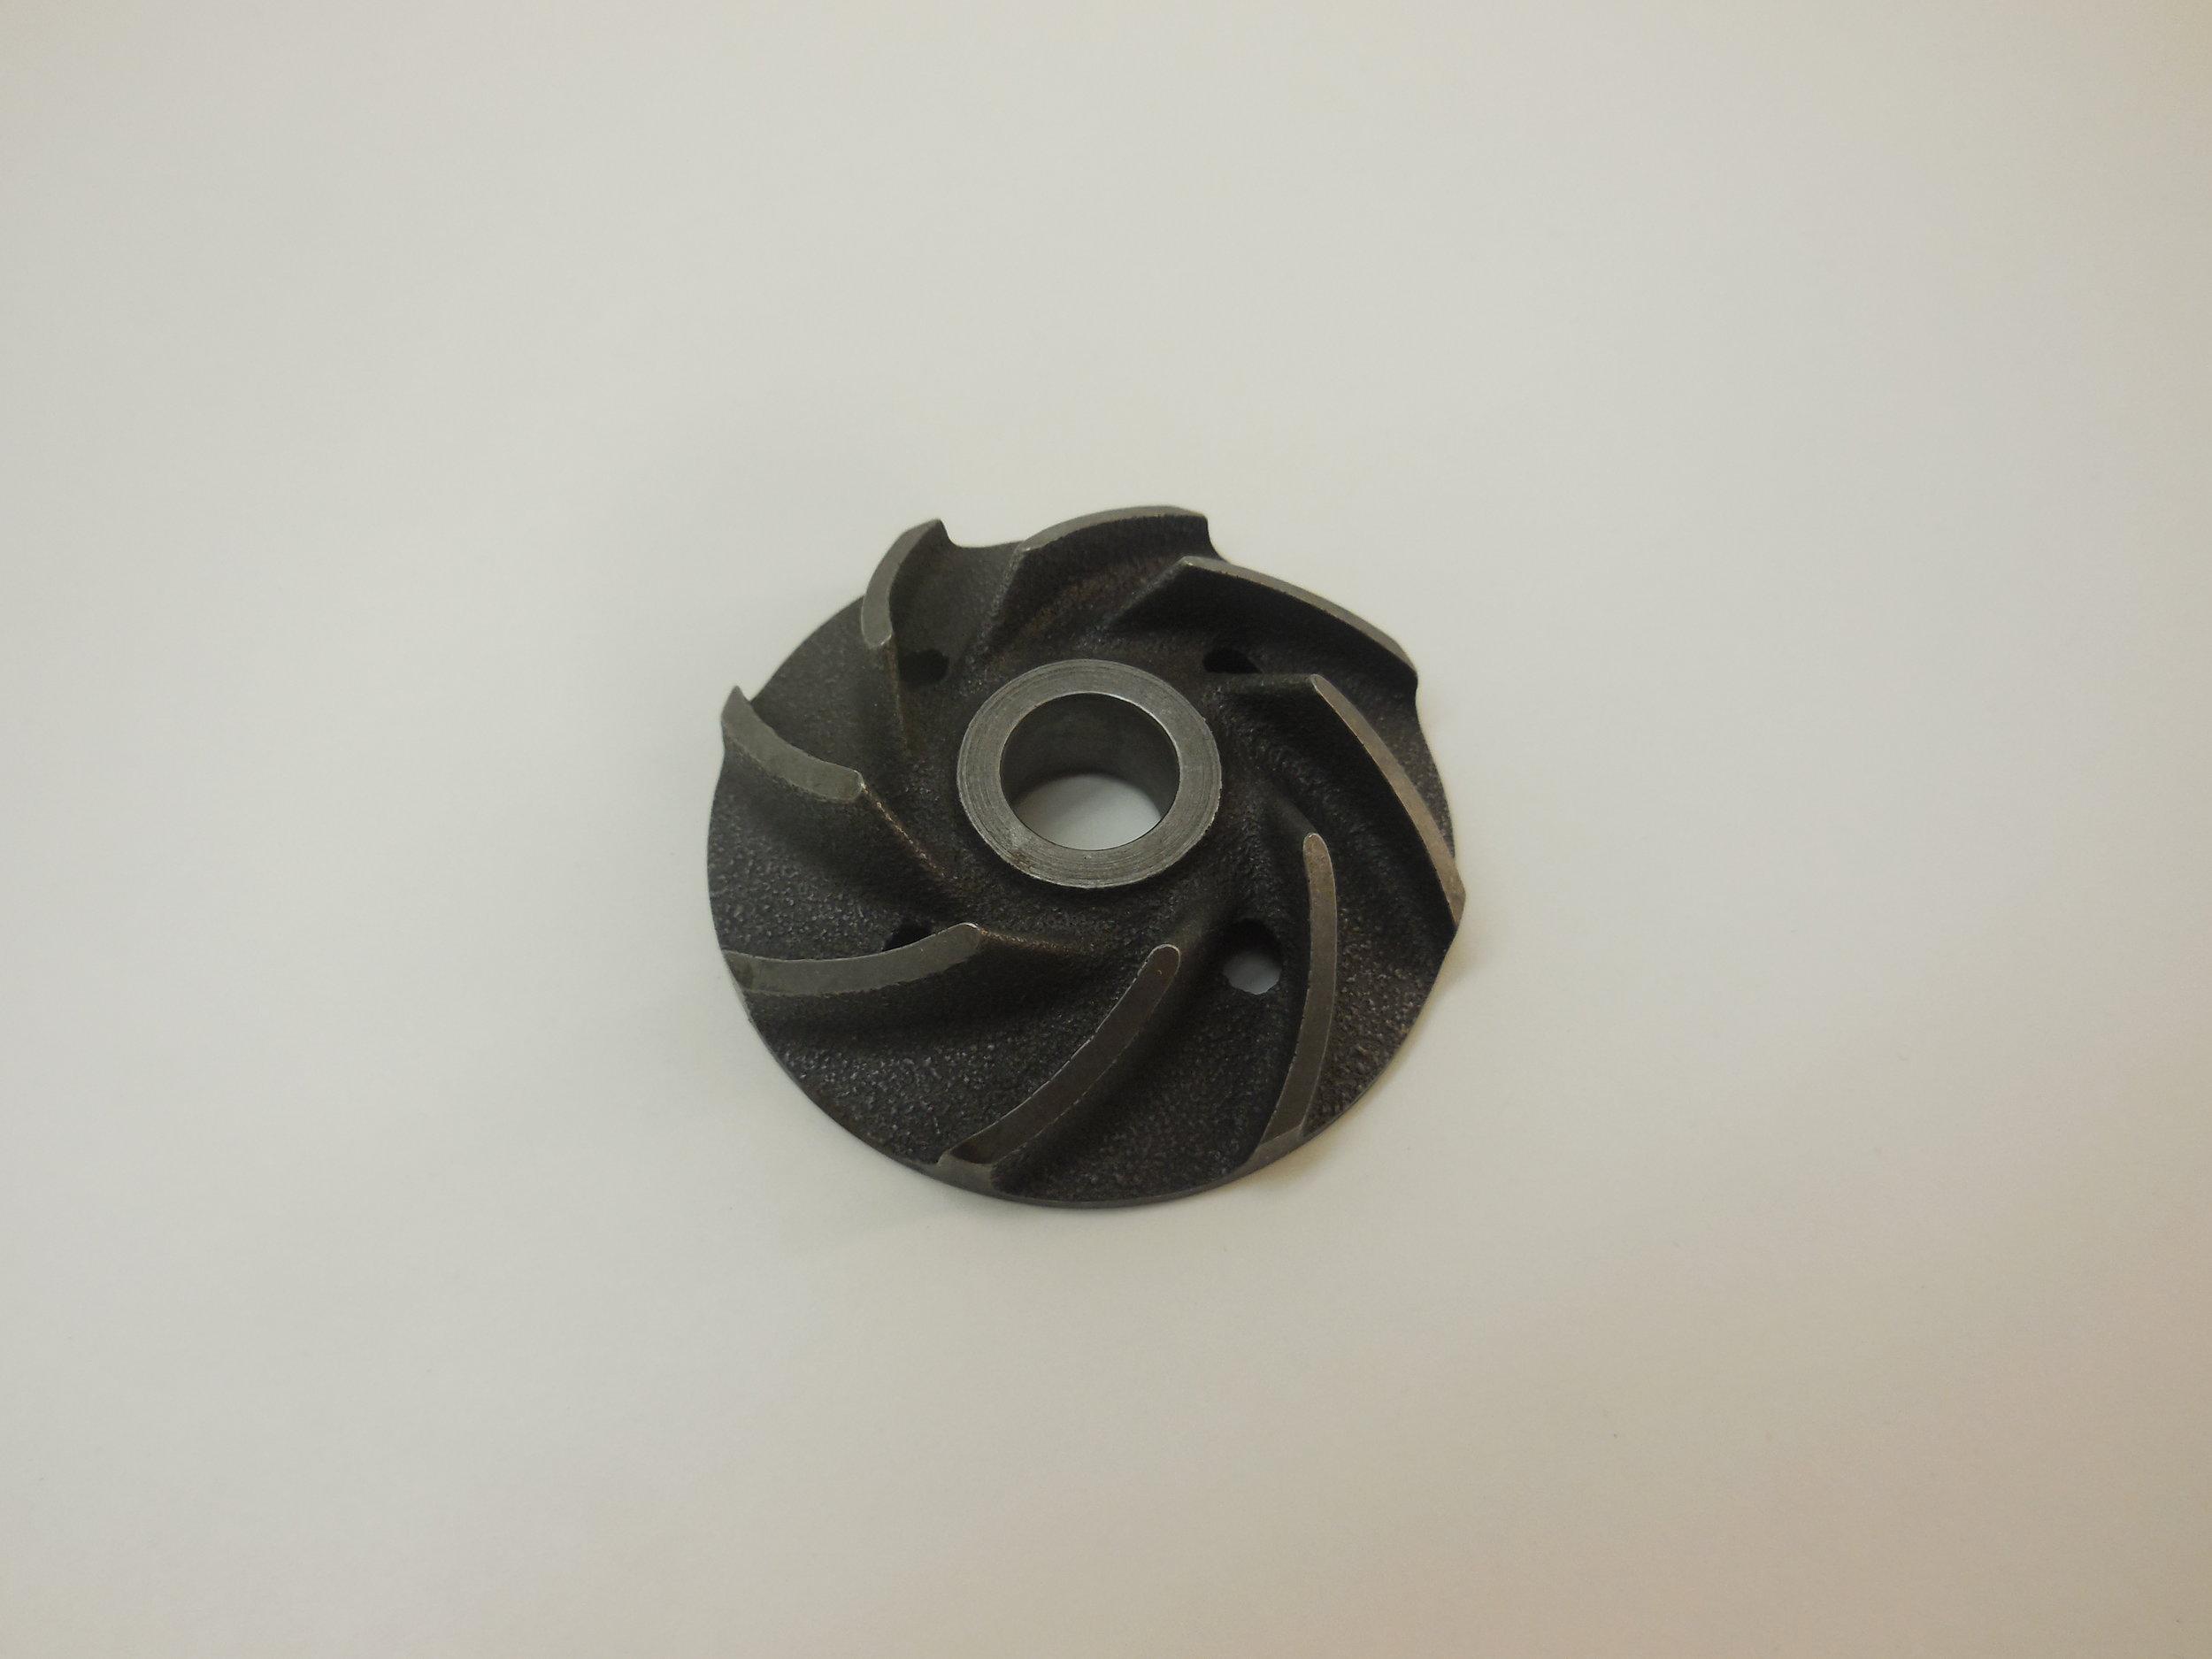 Impeller Mb nr:   601 201 00 07 price: 200 Sek